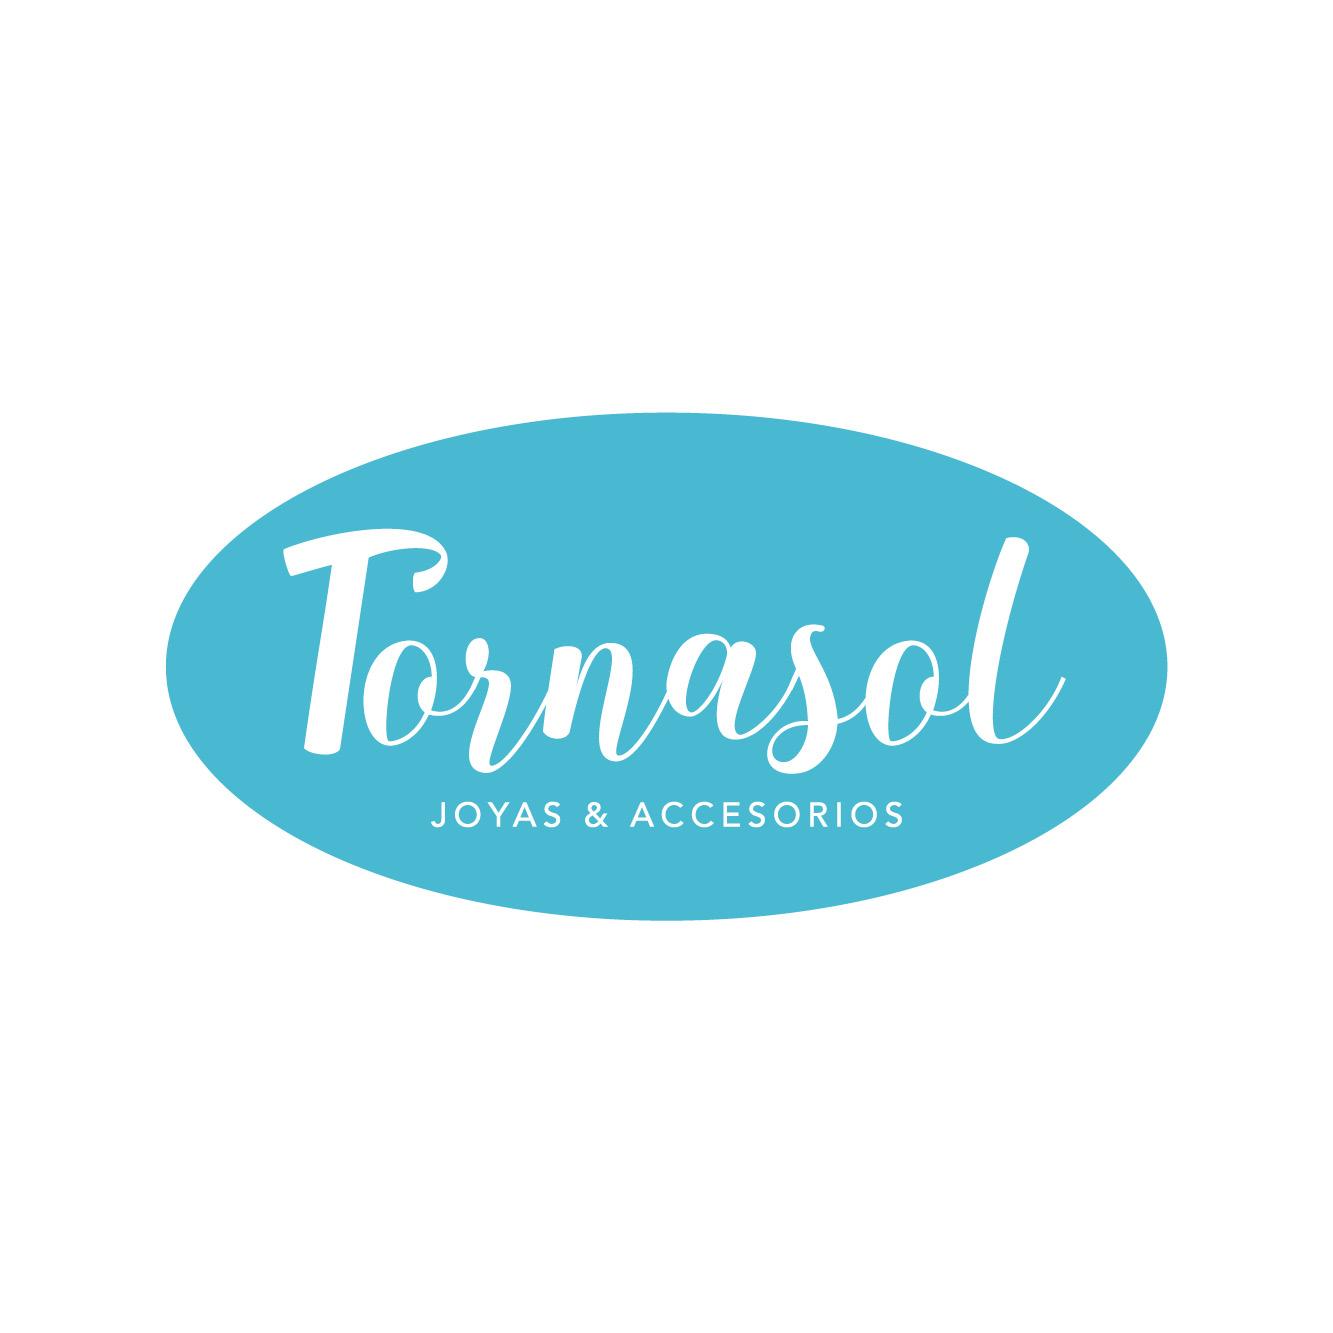 Banner Logo Tornasol.jpg